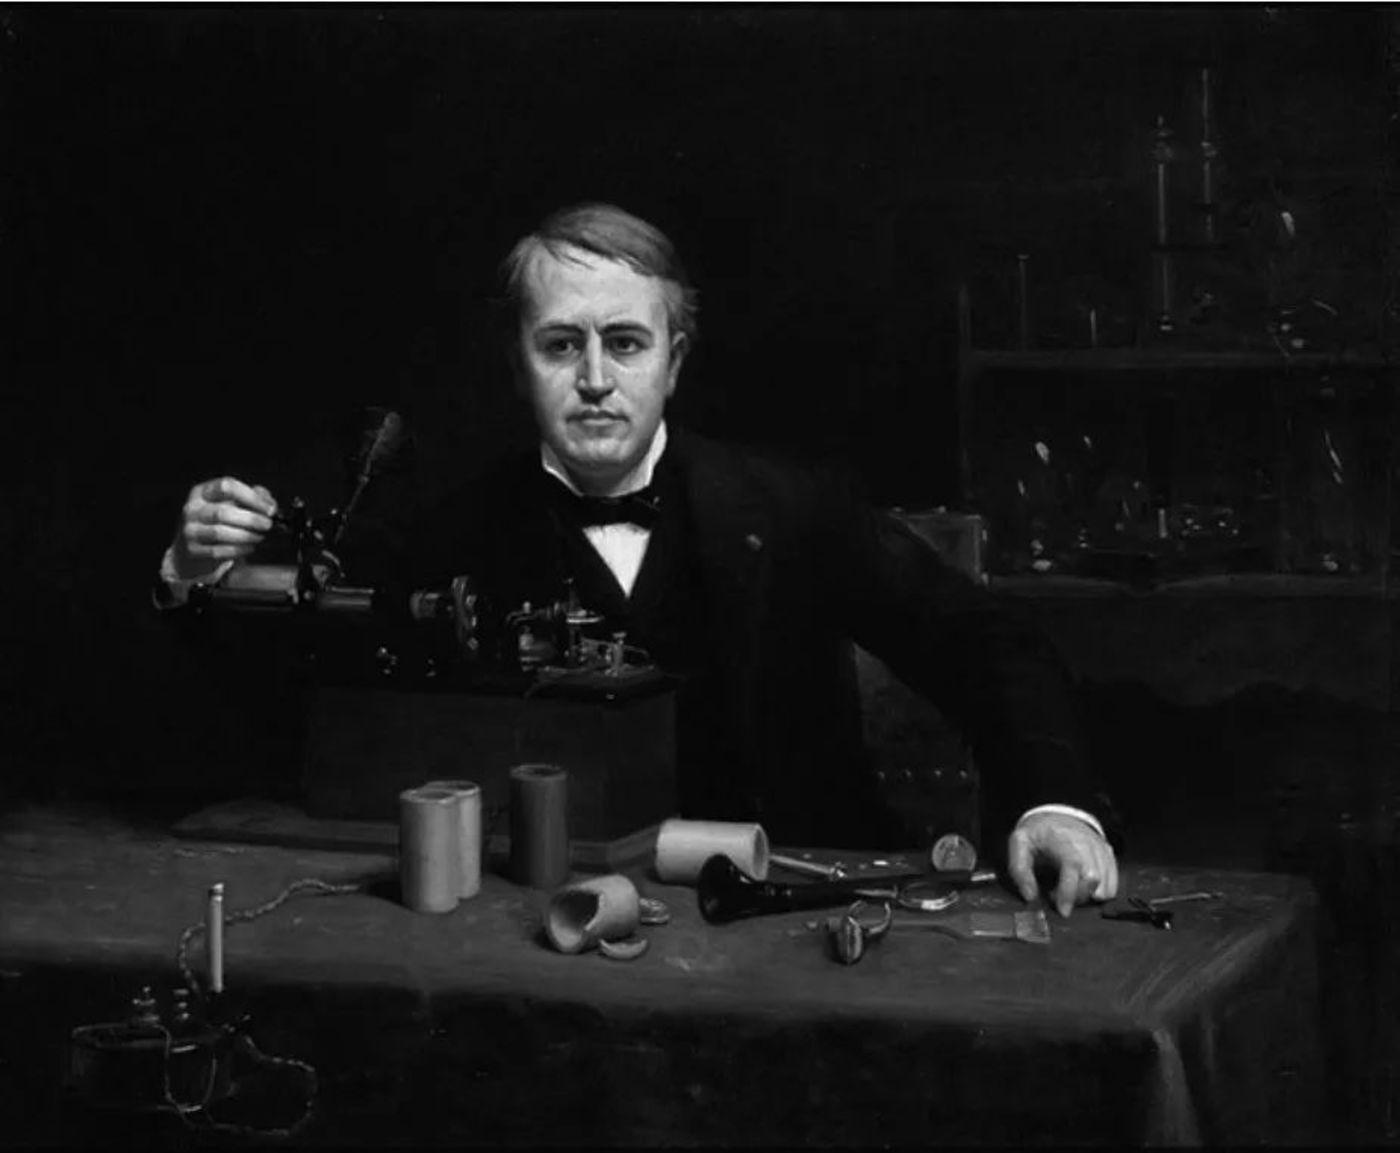 托马斯·爱迪生,发明家,电报先锋